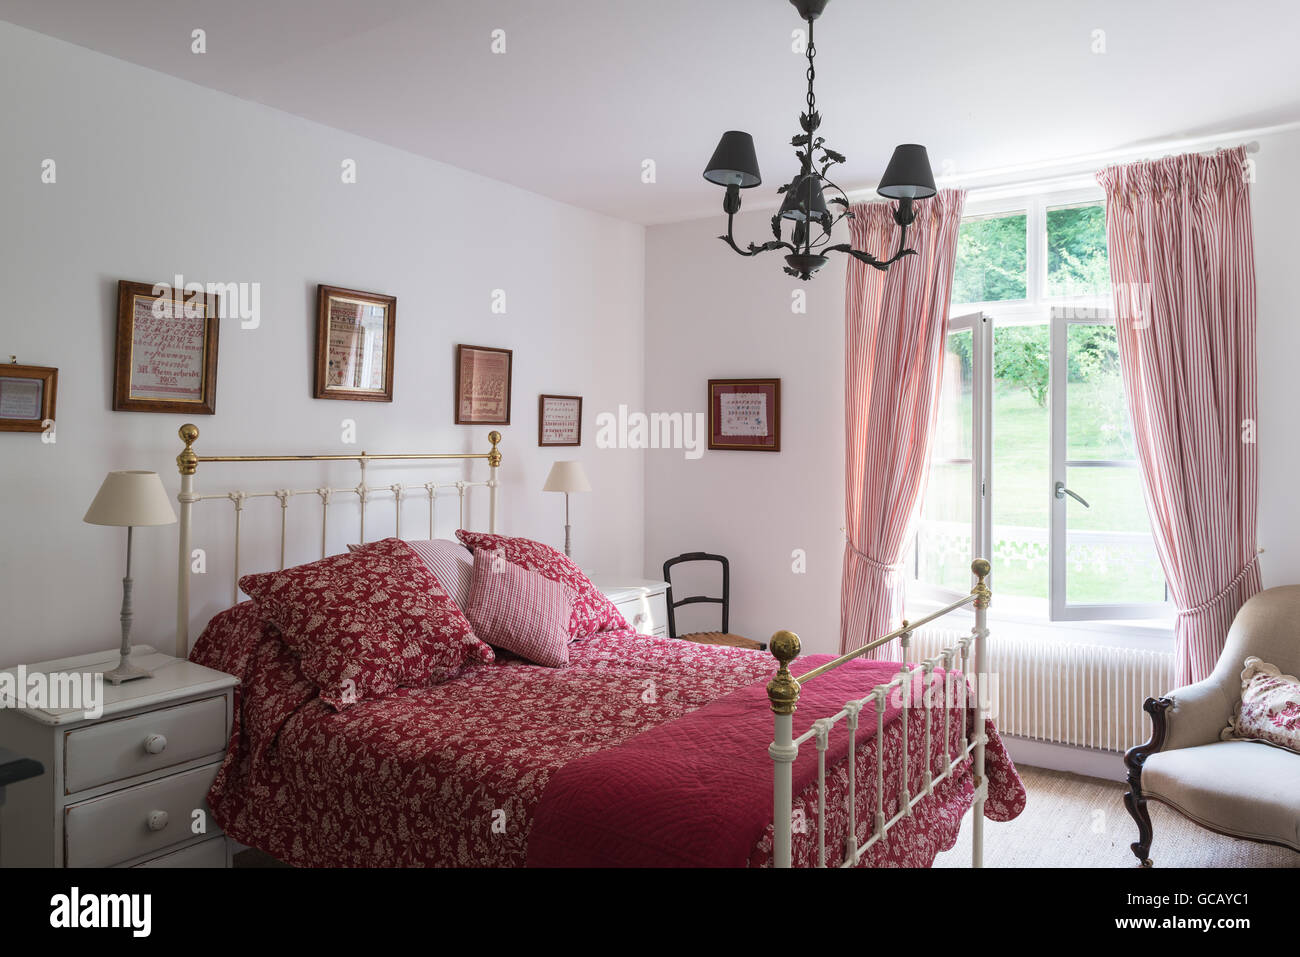 Viktorianische Messing-Bett mit roten und weißen Decke. Die Vorhänge ...